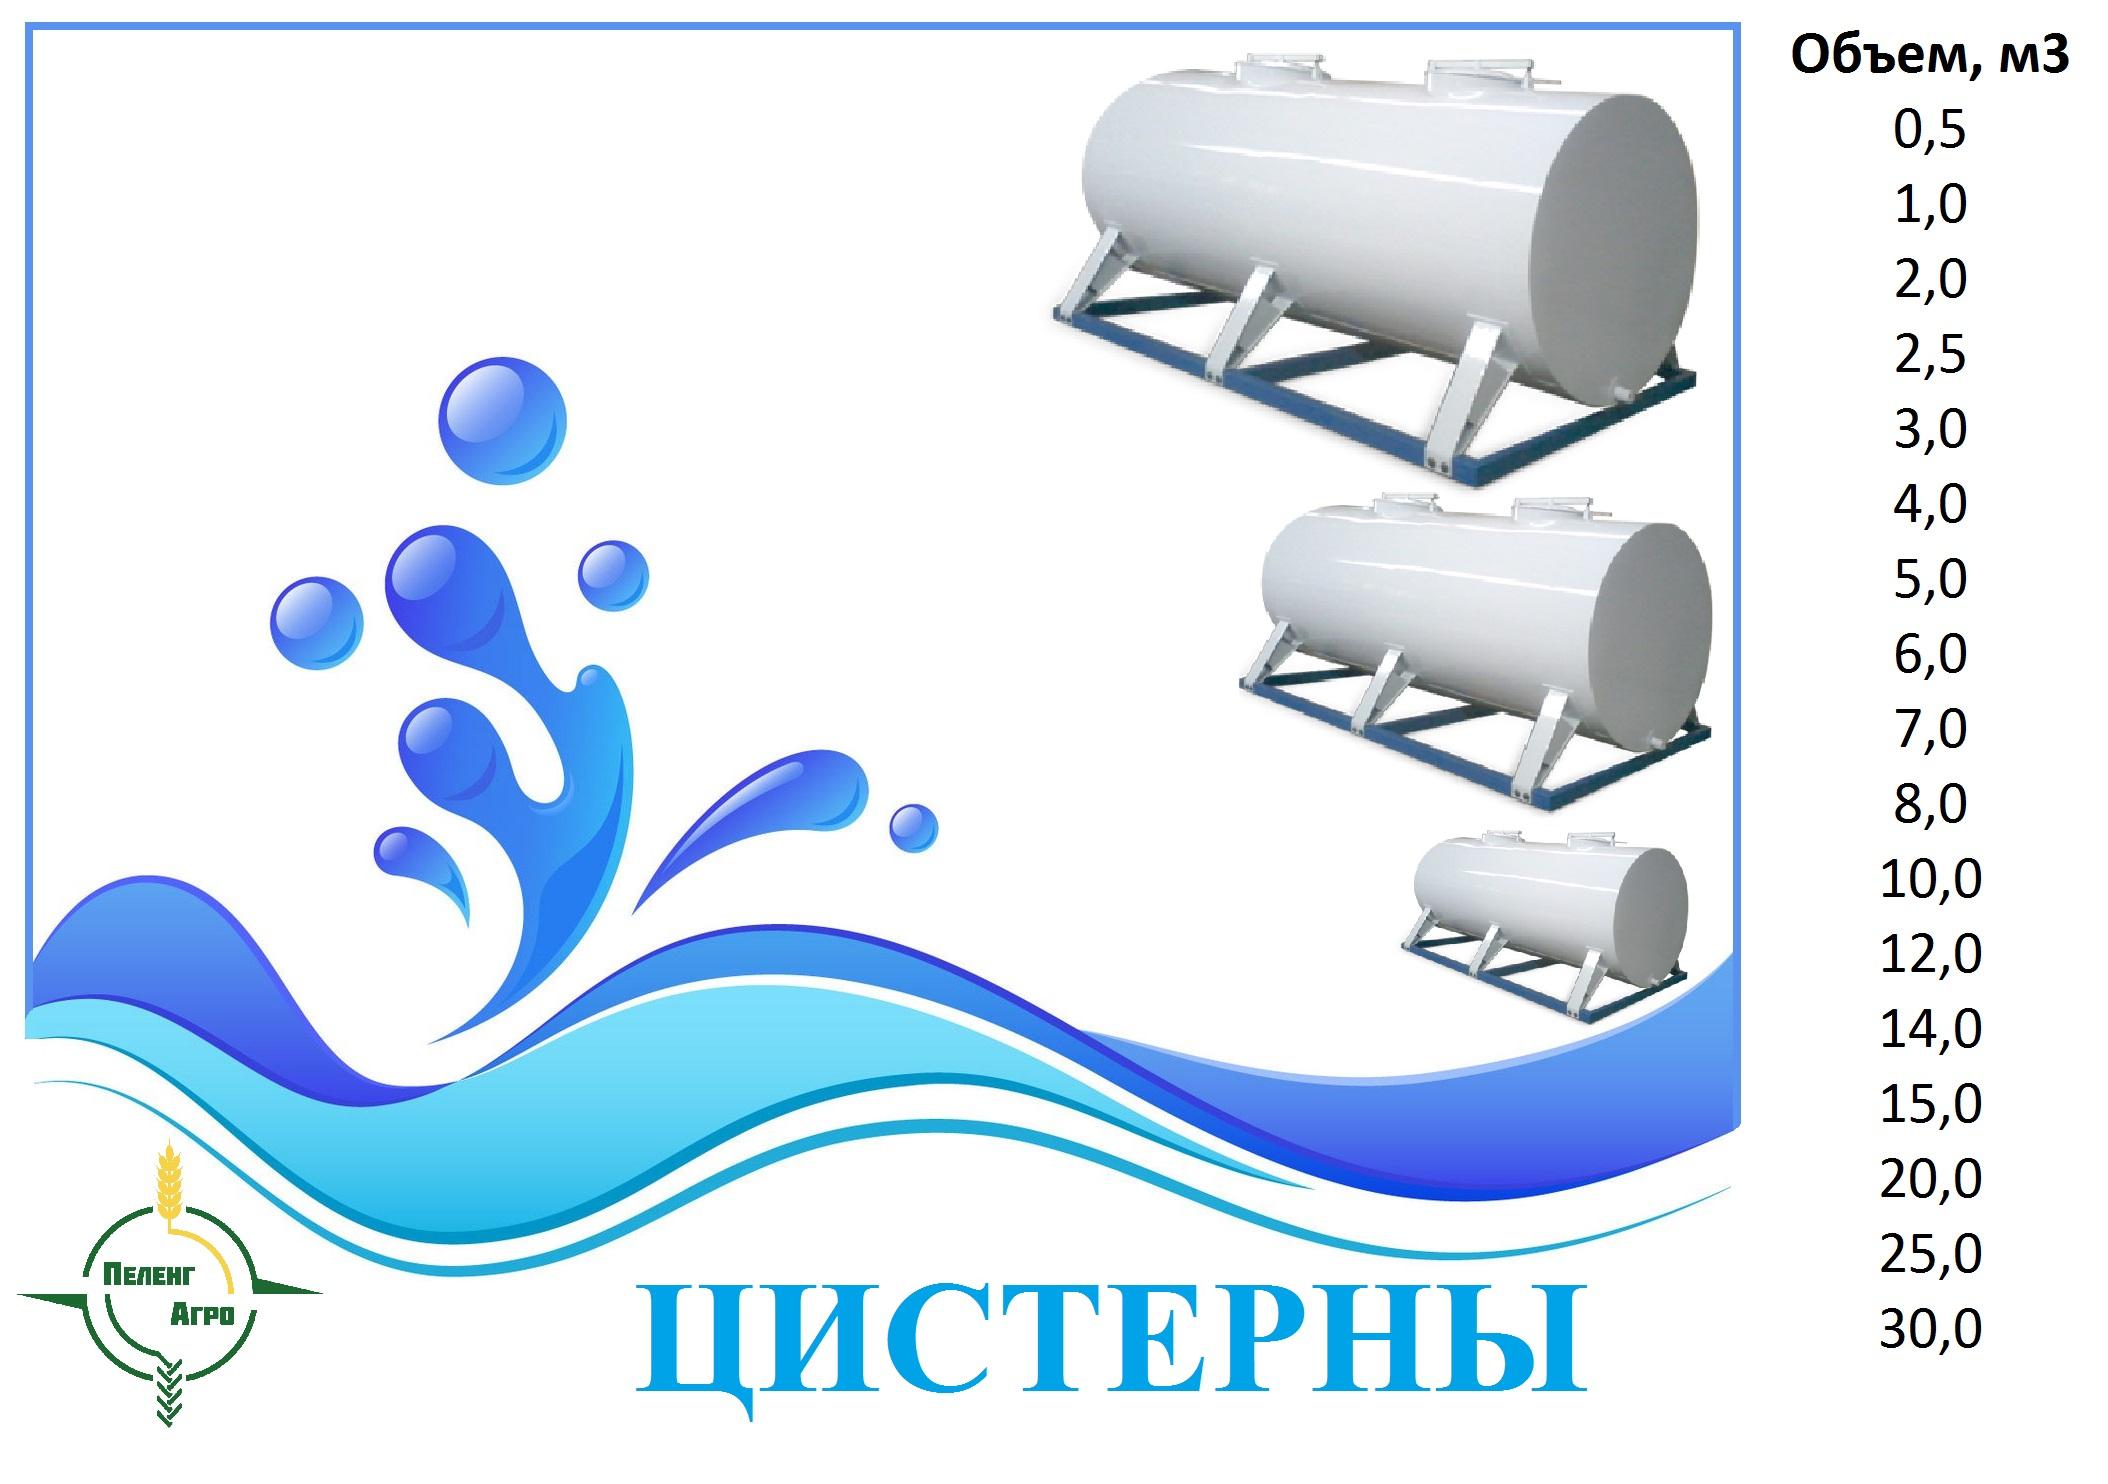 Цистерна термос, танк производство